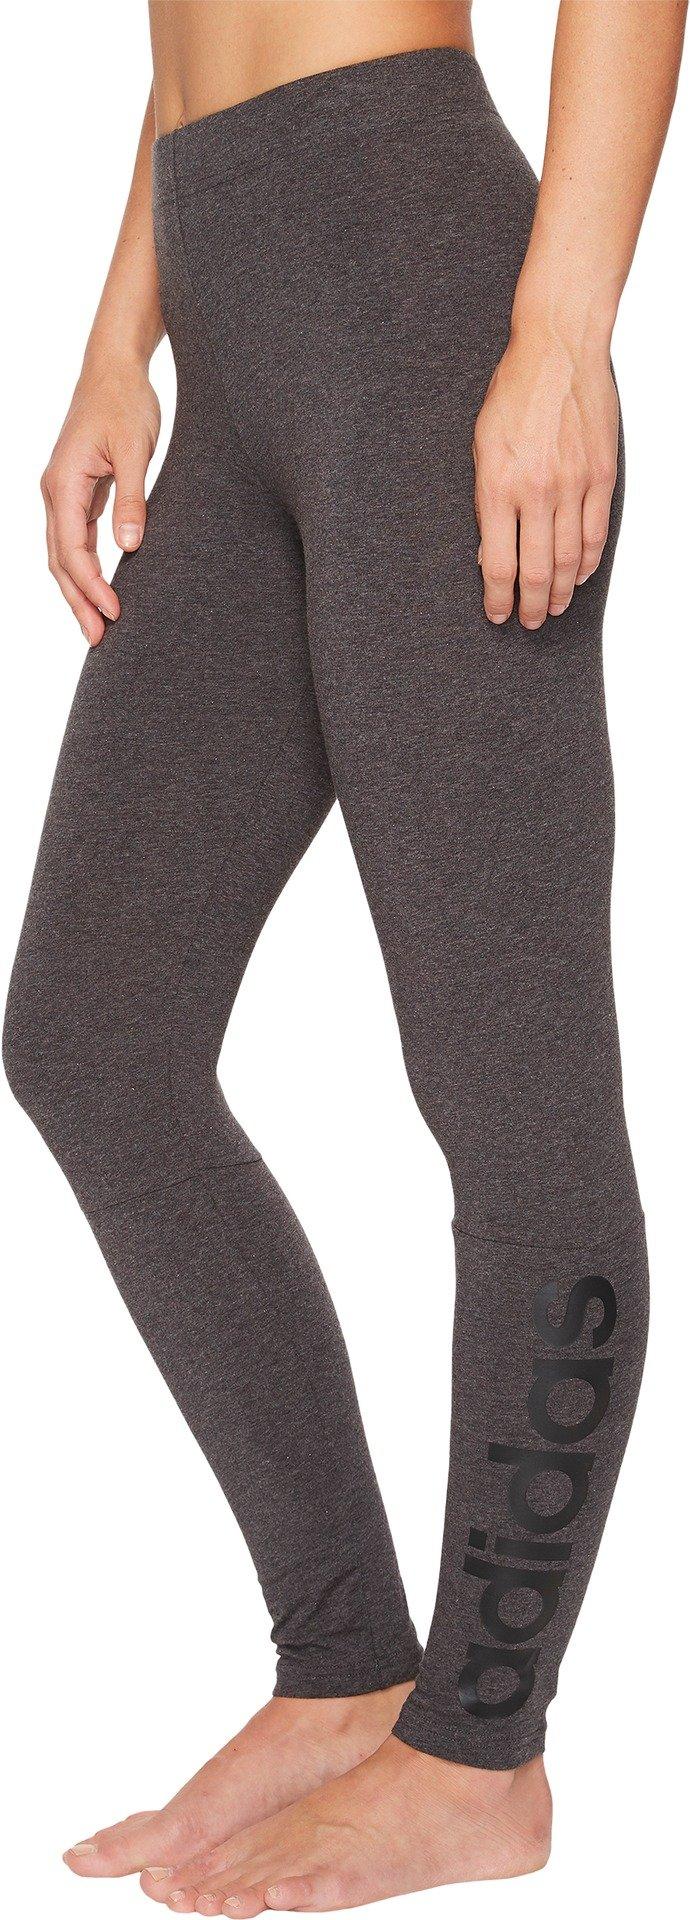 adidas Women's Athletics Essential Linear Tights, Dark Grey Heather/Black, X-Small by adidas